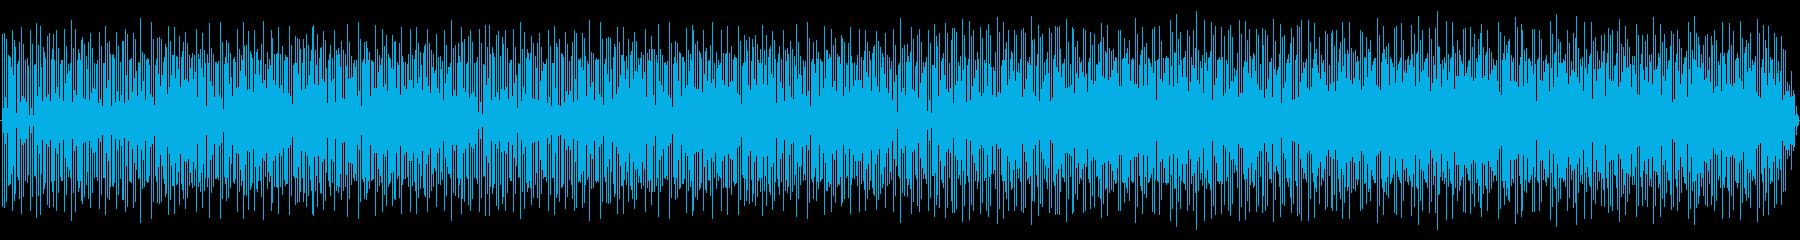 ポップ、ライト、エネルギッシュ、モ...の再生済みの波形